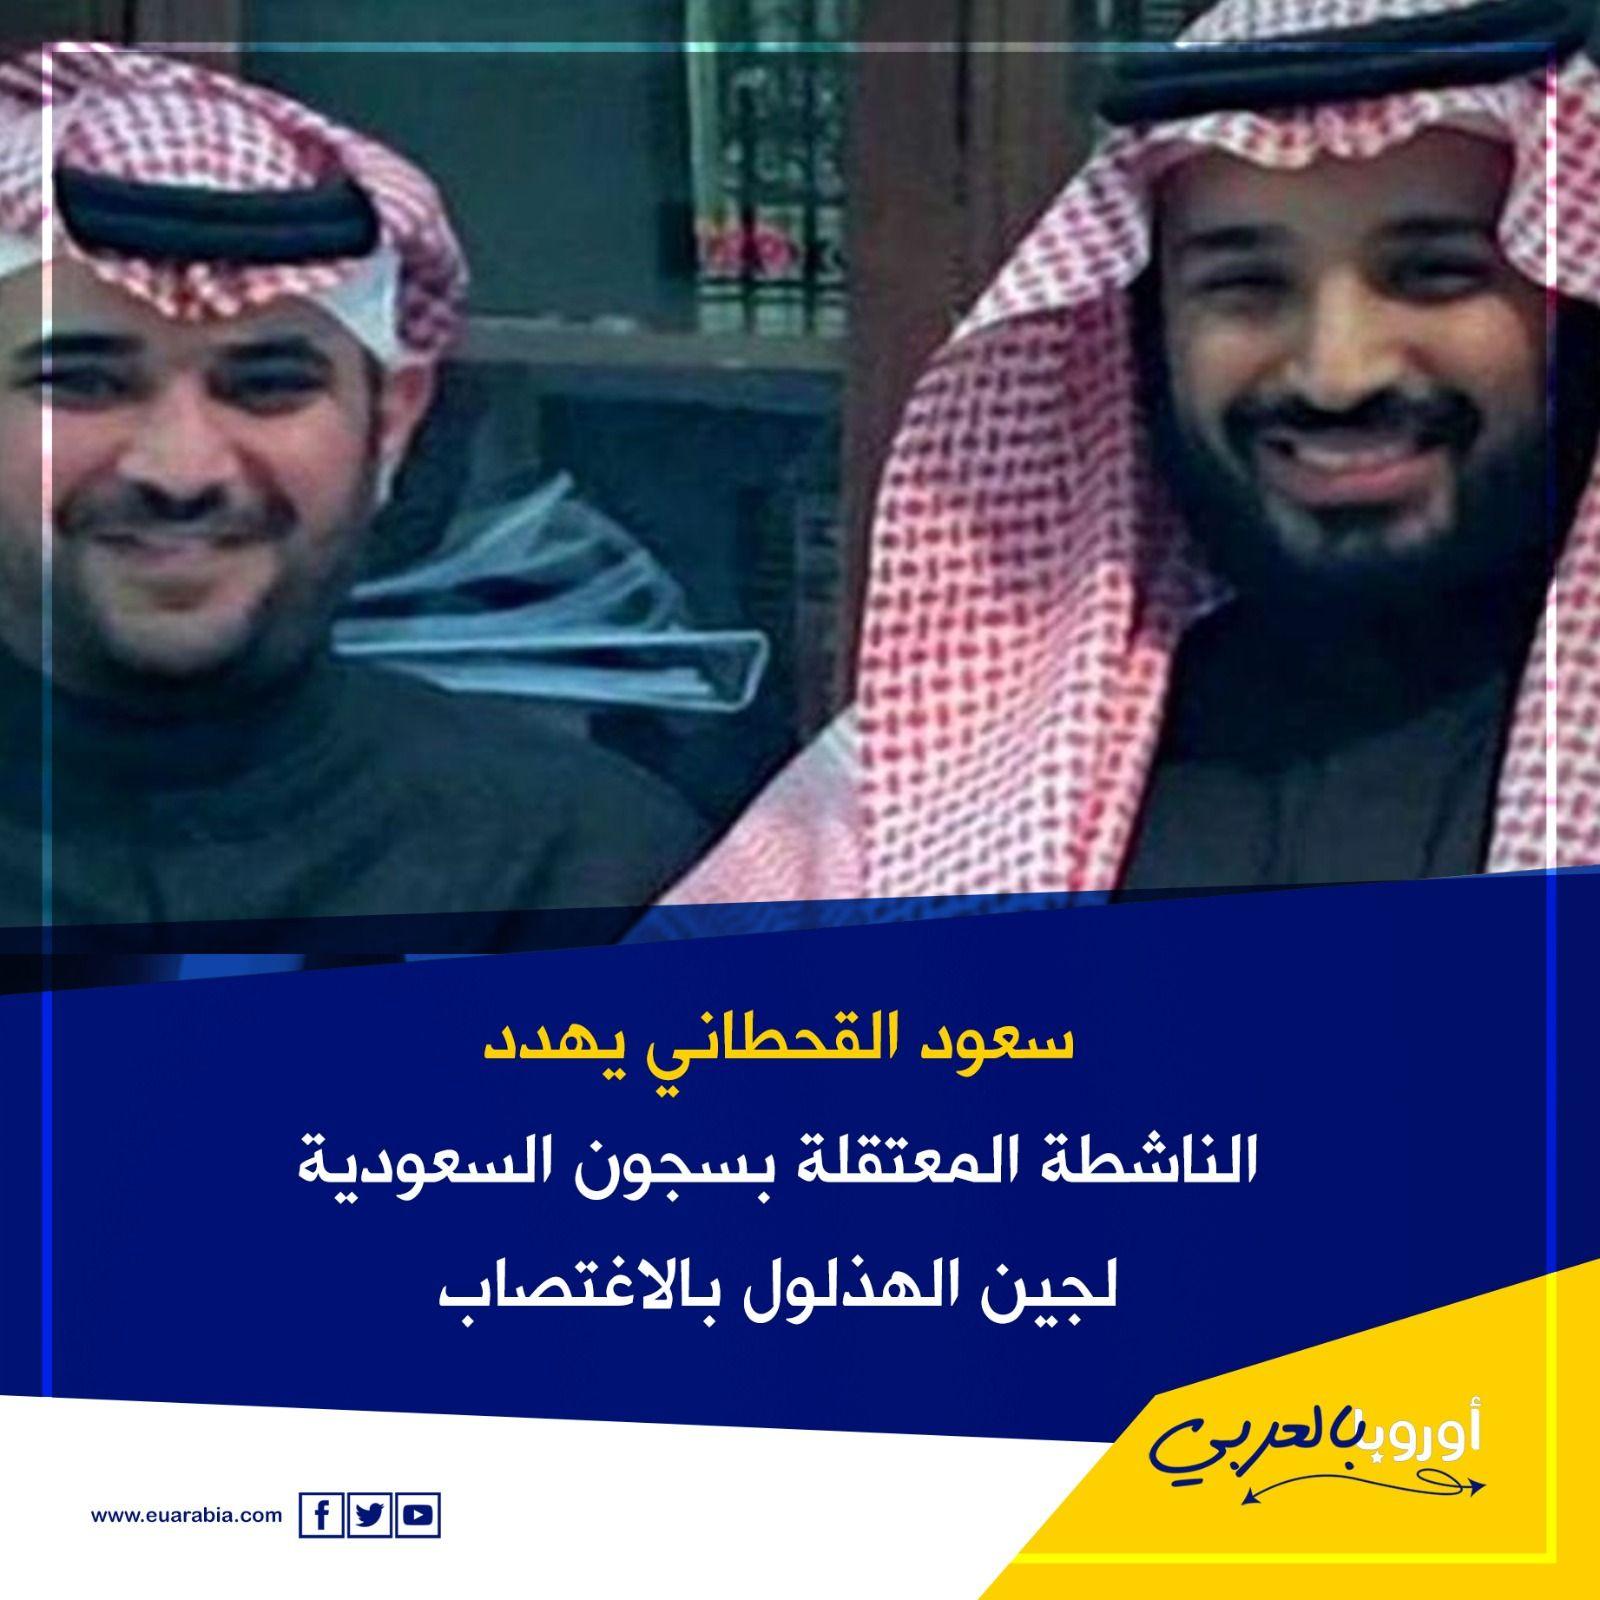 سعود القحطاني Pandora Screenshot